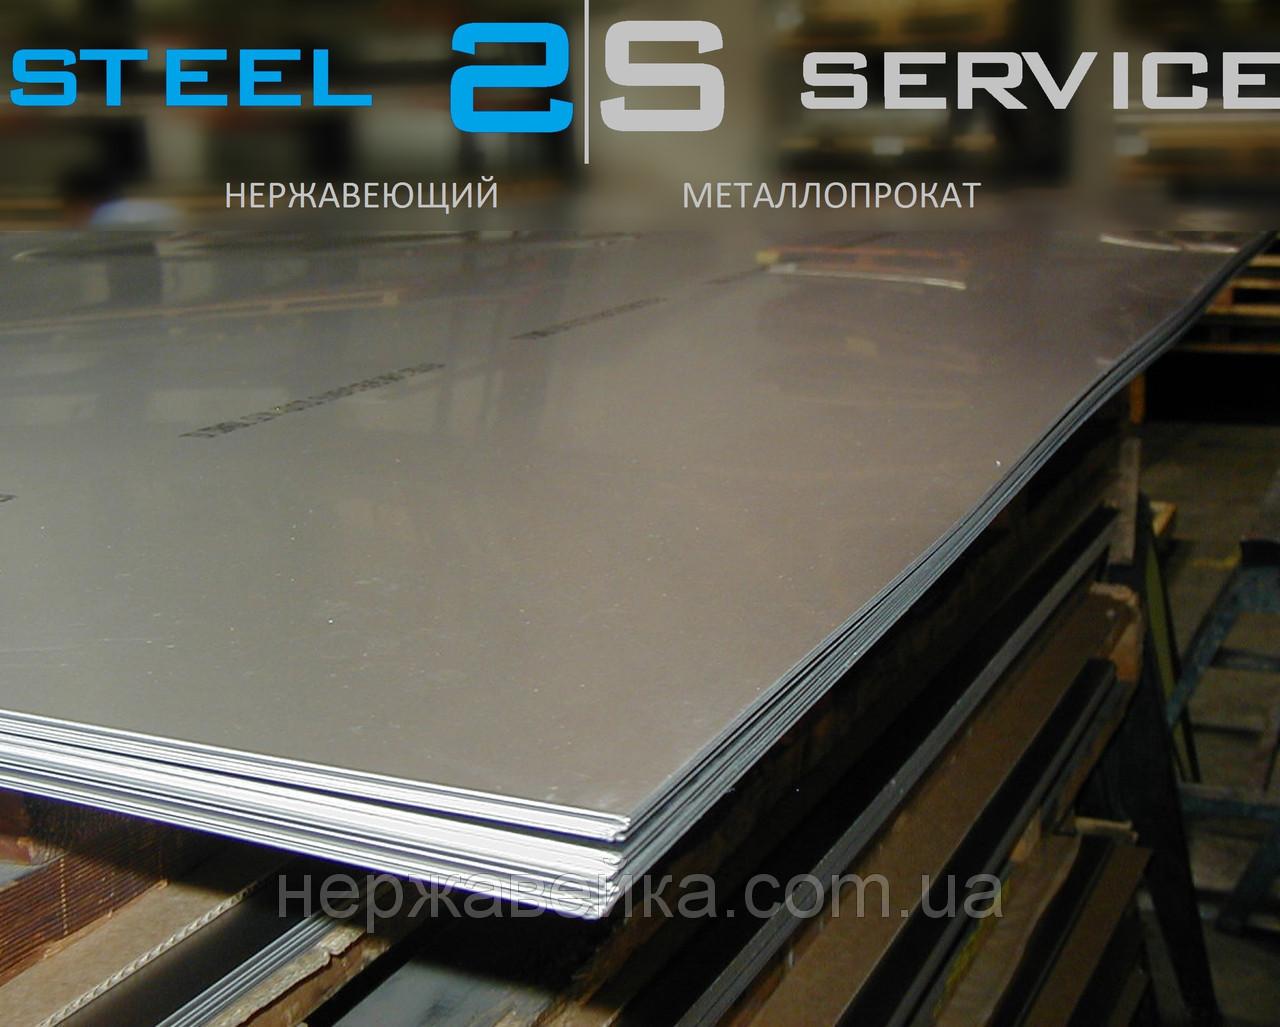 Нержавейка лист 30х1000х2000мм  AISI 309(20Х23Н13, 20Х20Н14С2) F1 - горячекатанный,  жаропрочный